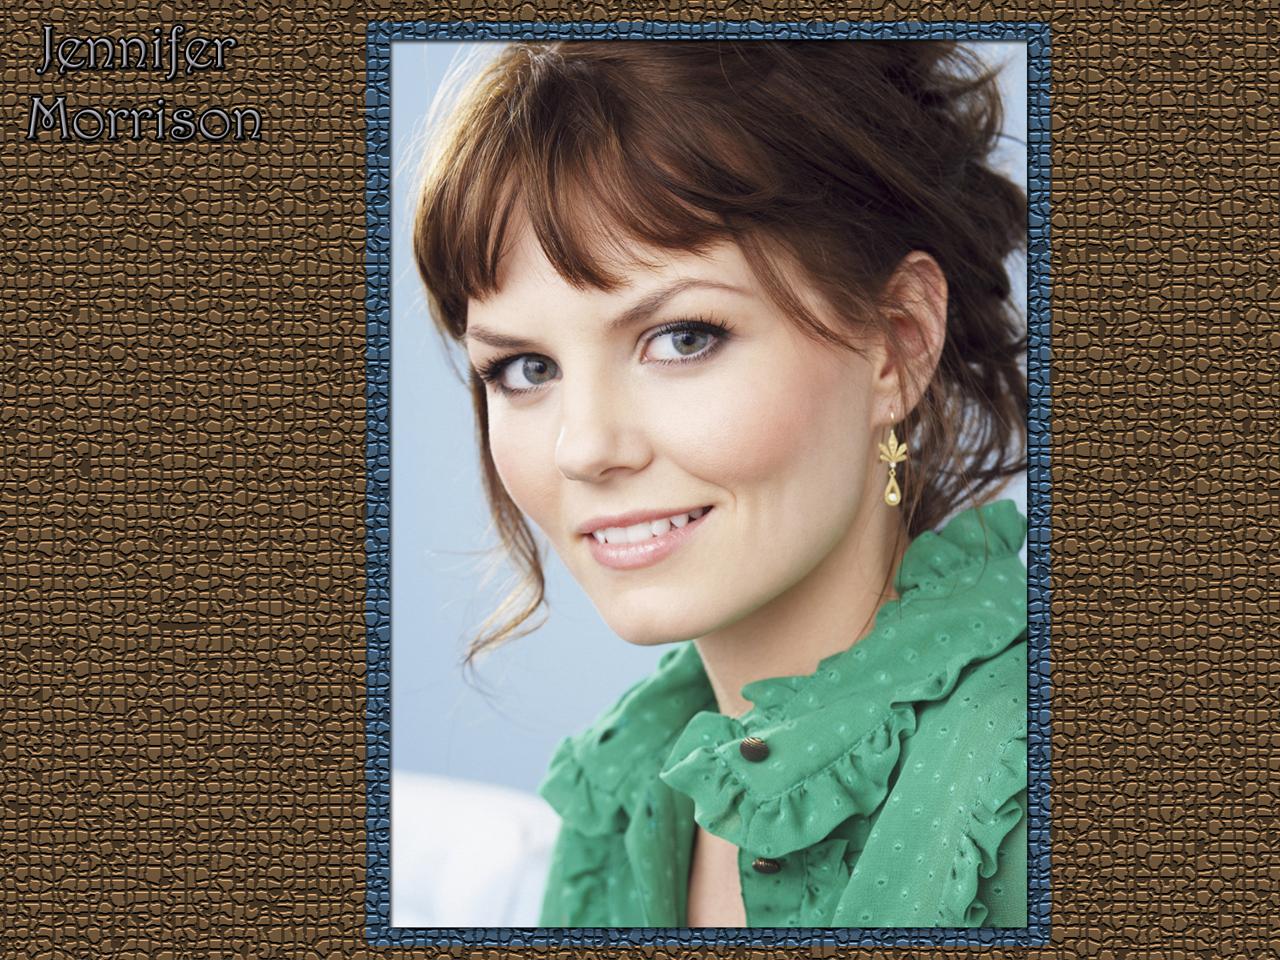 Jennifer Morrison wallpaper (#34304)